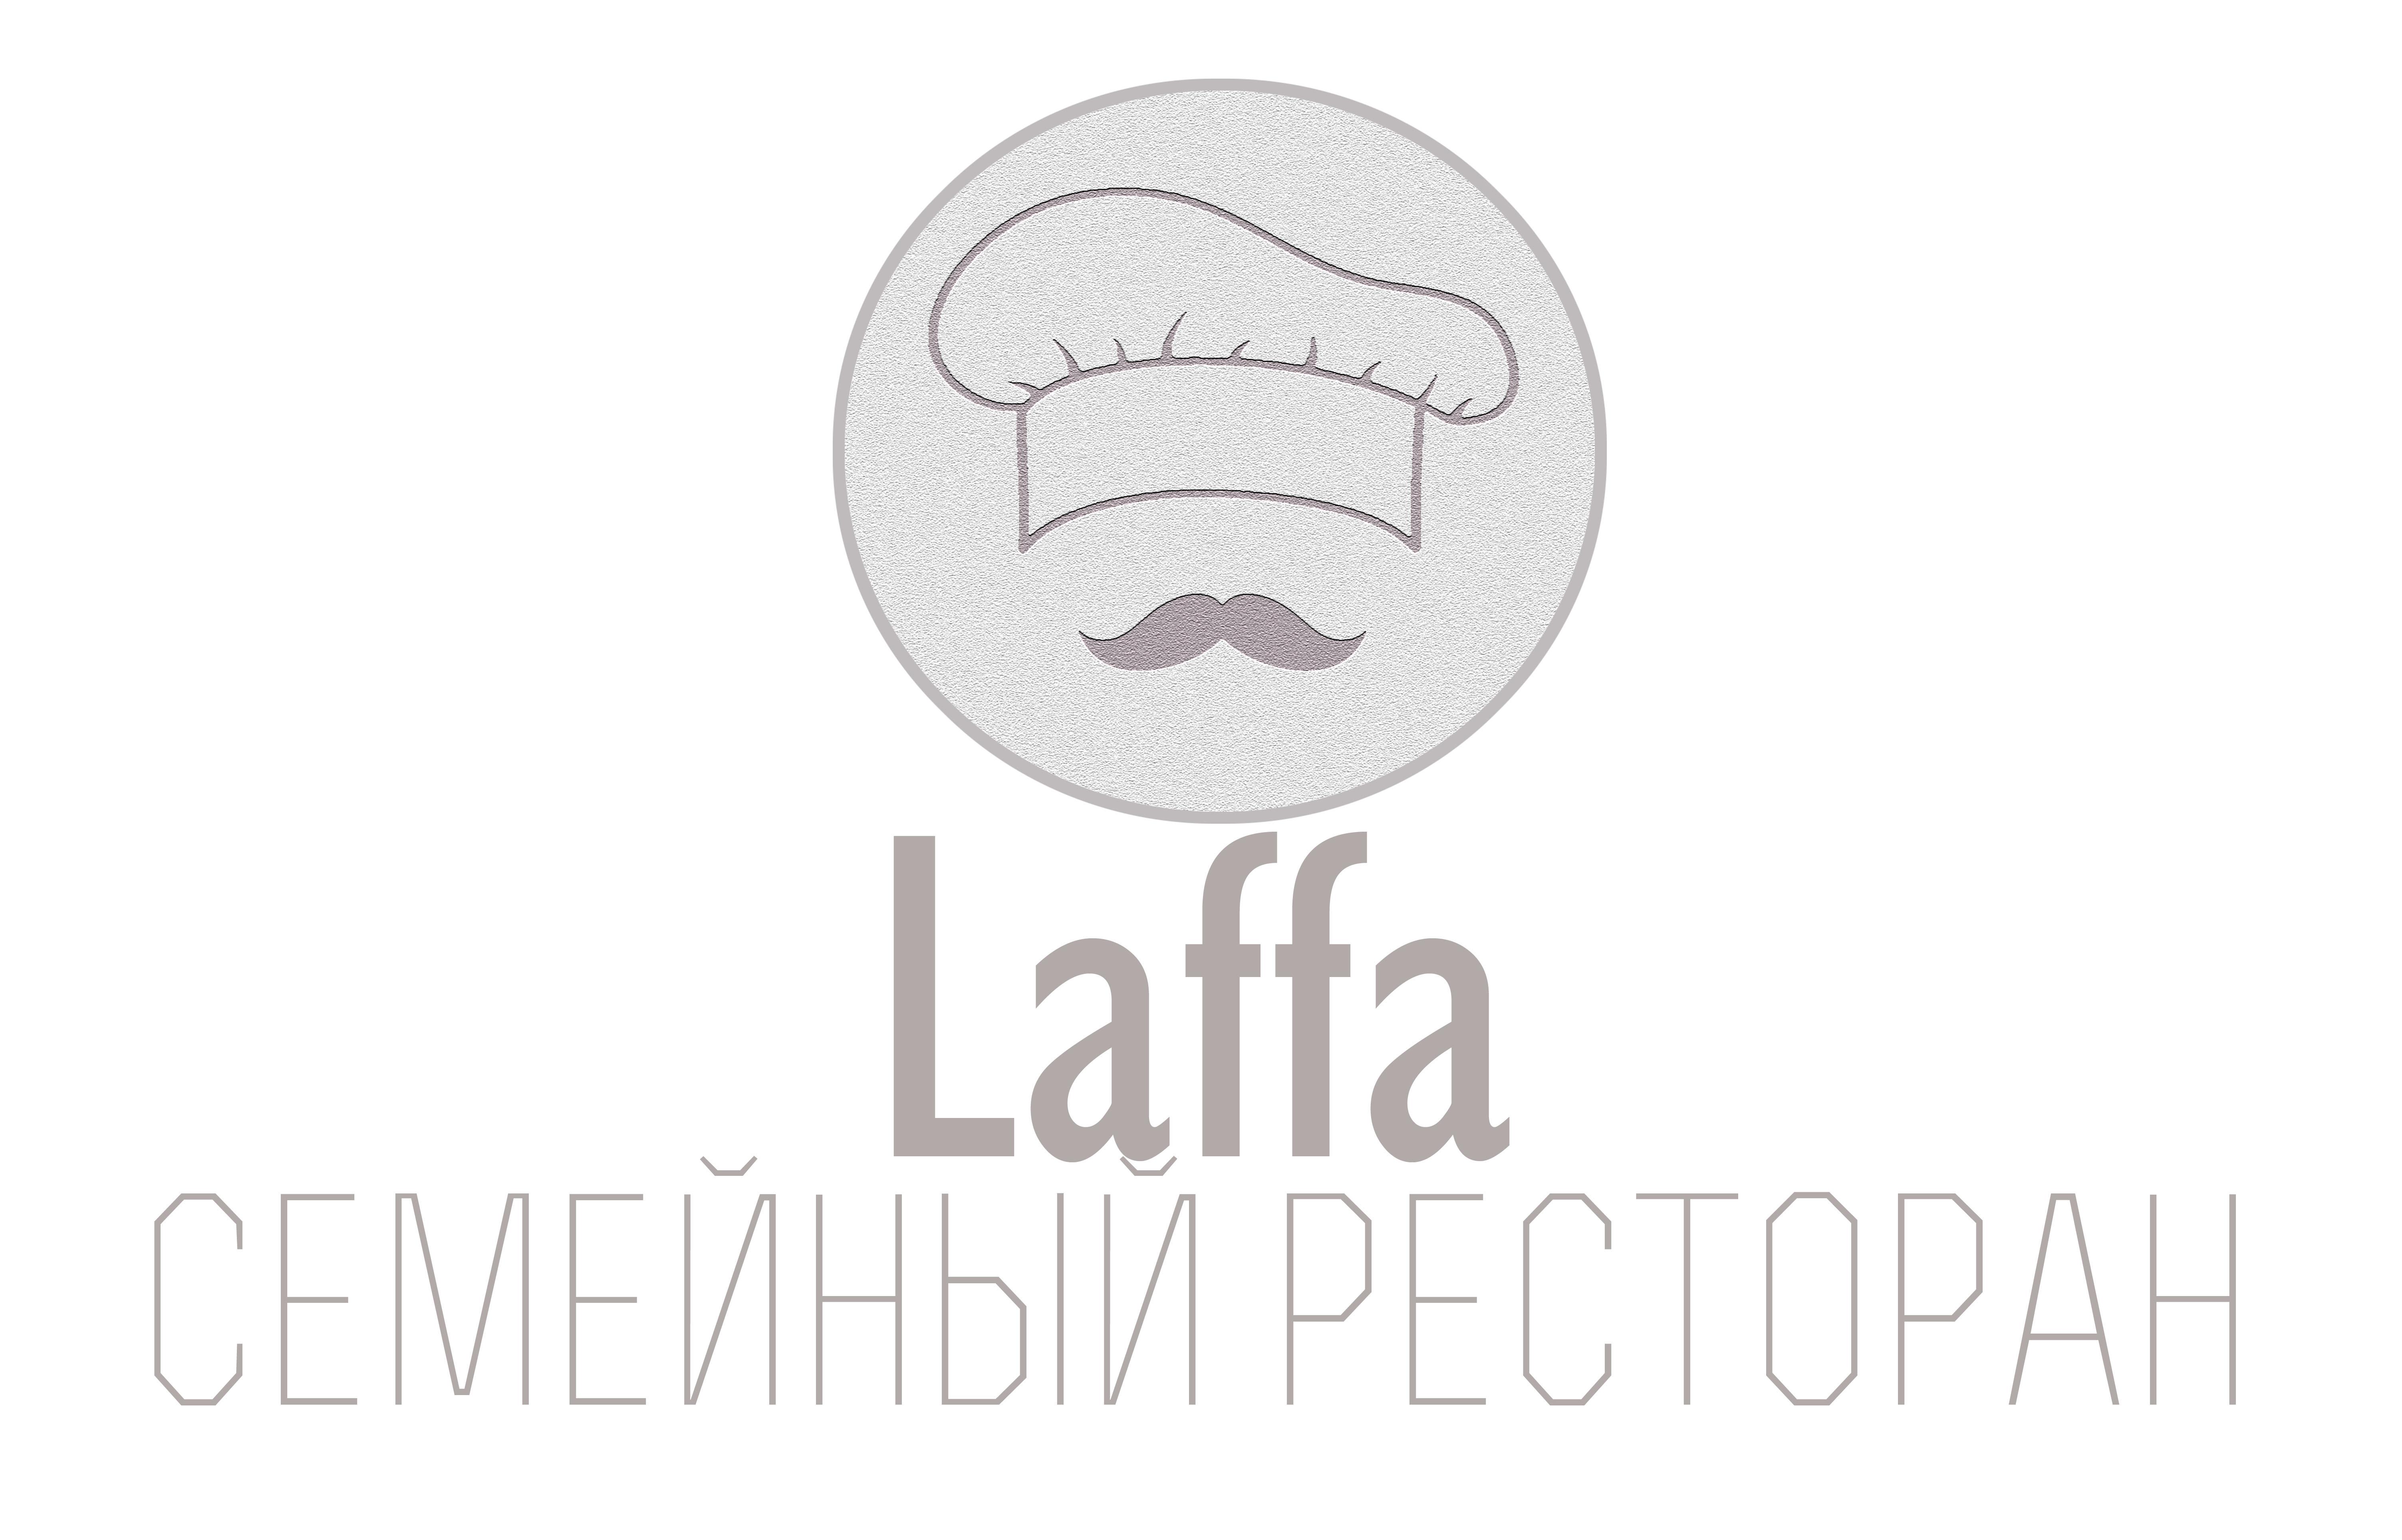 Нужно нарисовать логотип для семейного итальянского ресторан фото f_9475549fe54275a9.jpg